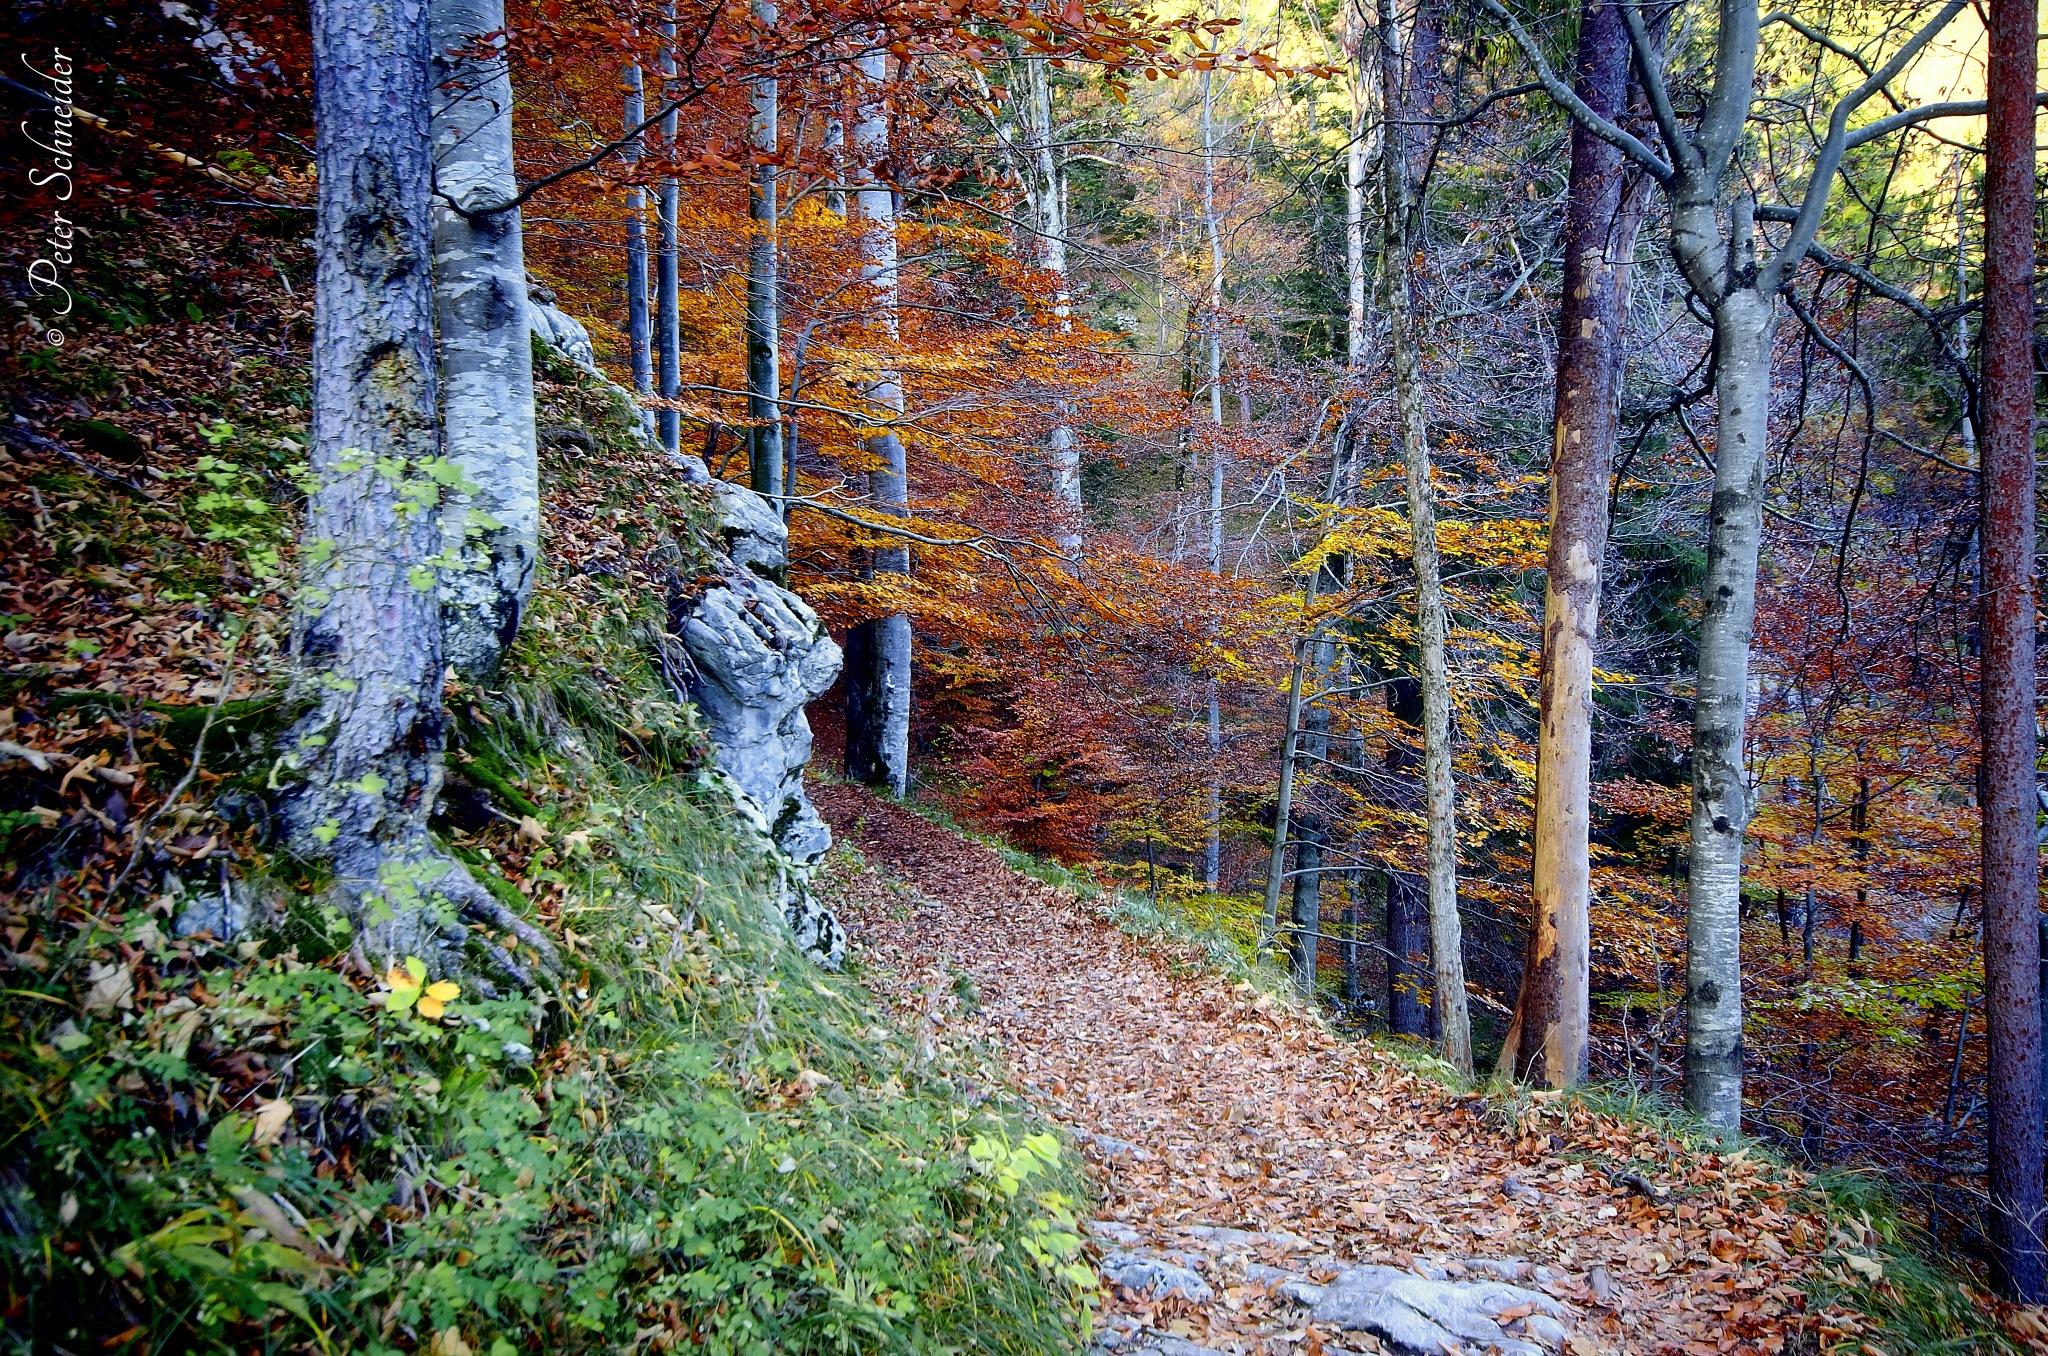 Underway through the autumn. by  Peter Schneider